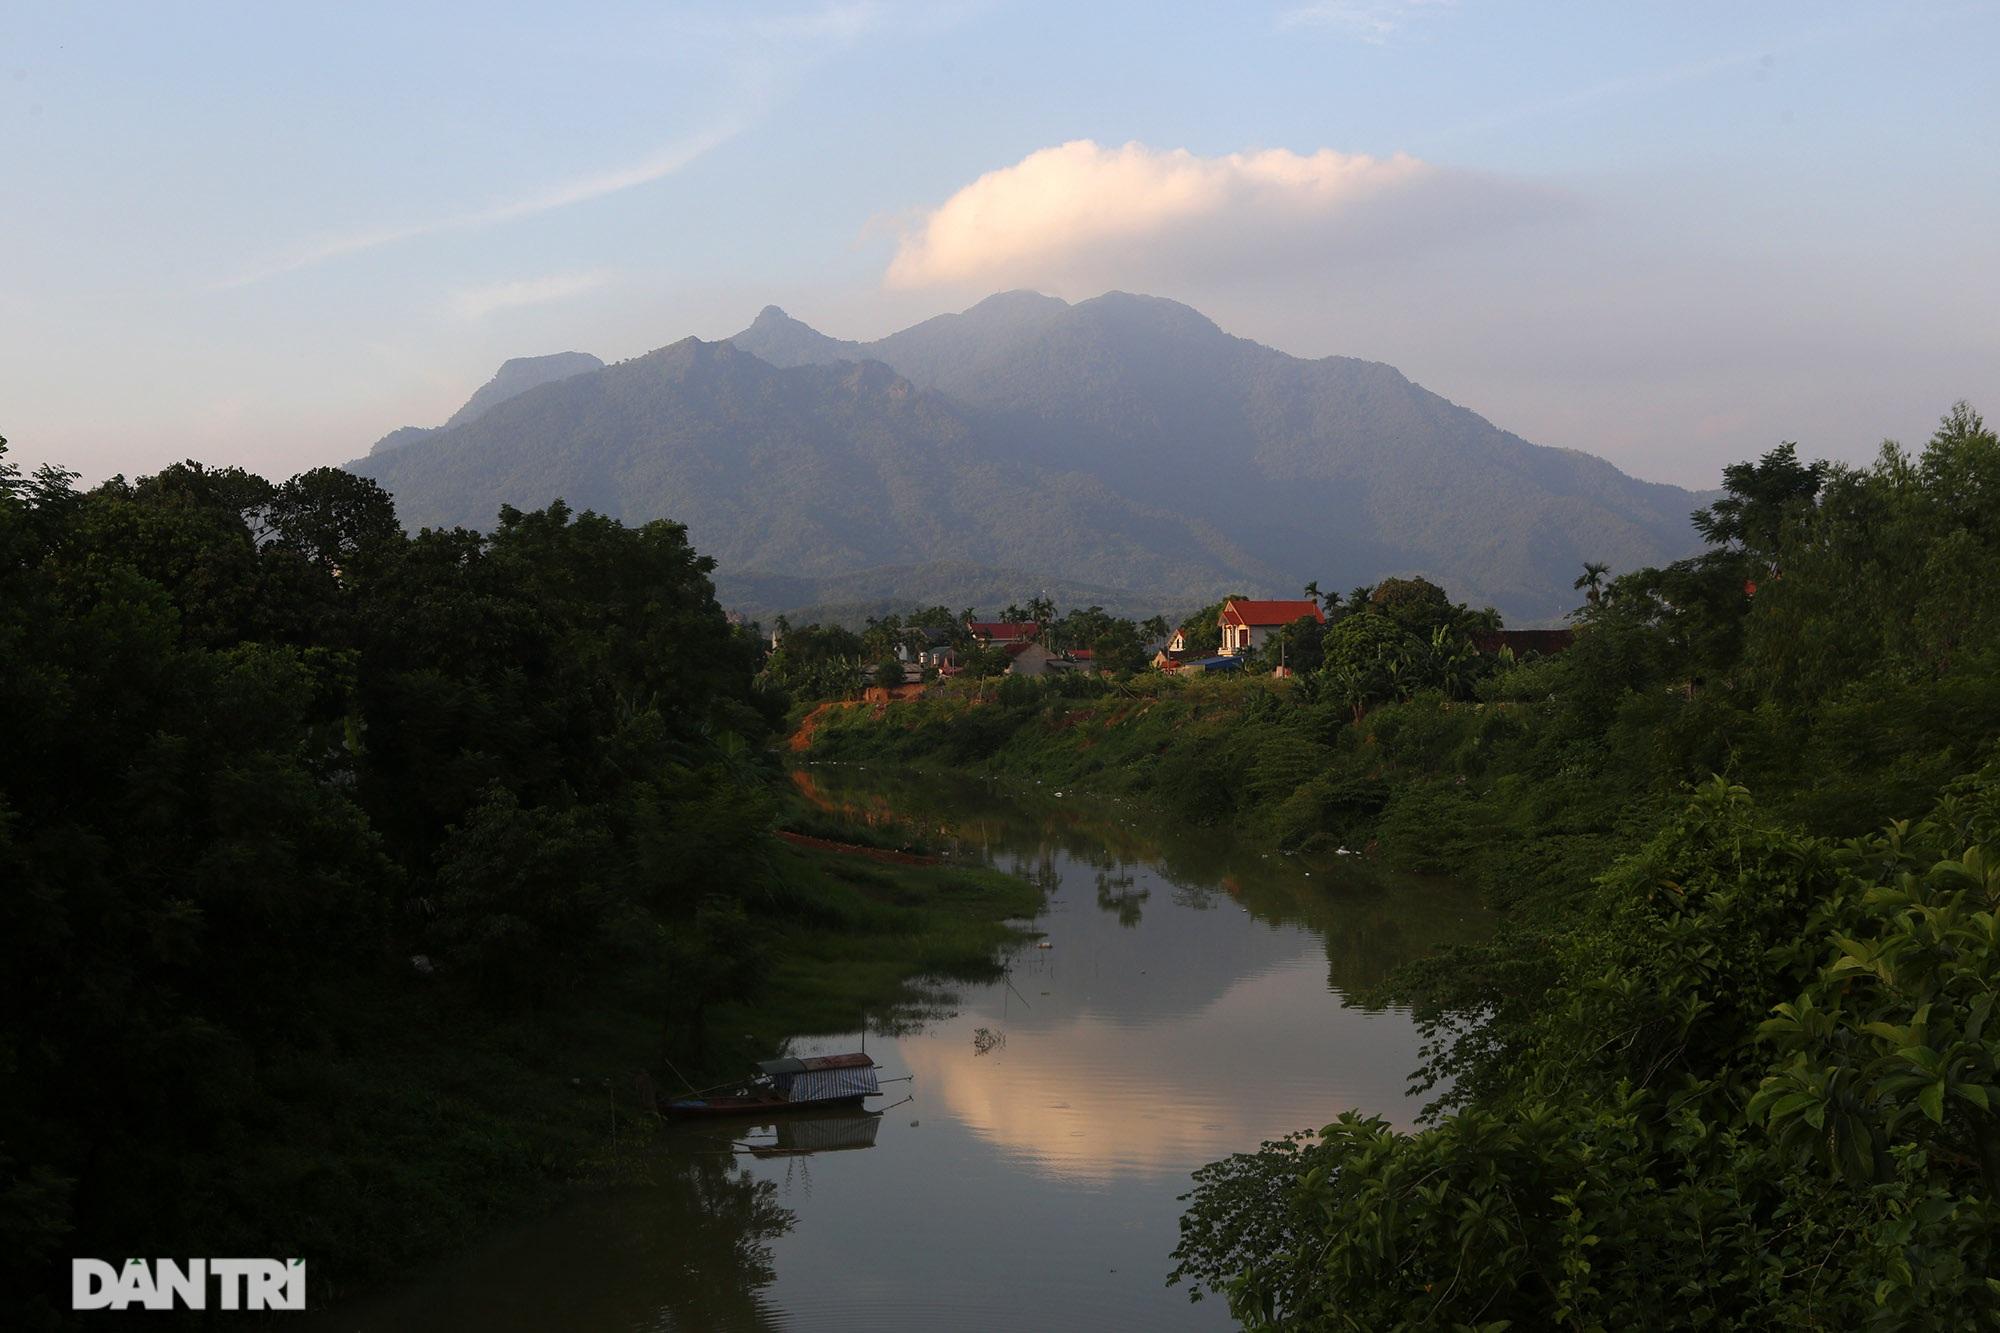 Núi thiêng gần Hà Nội đẹp mê mải nhìn từ muôn phương tám hướng - 14